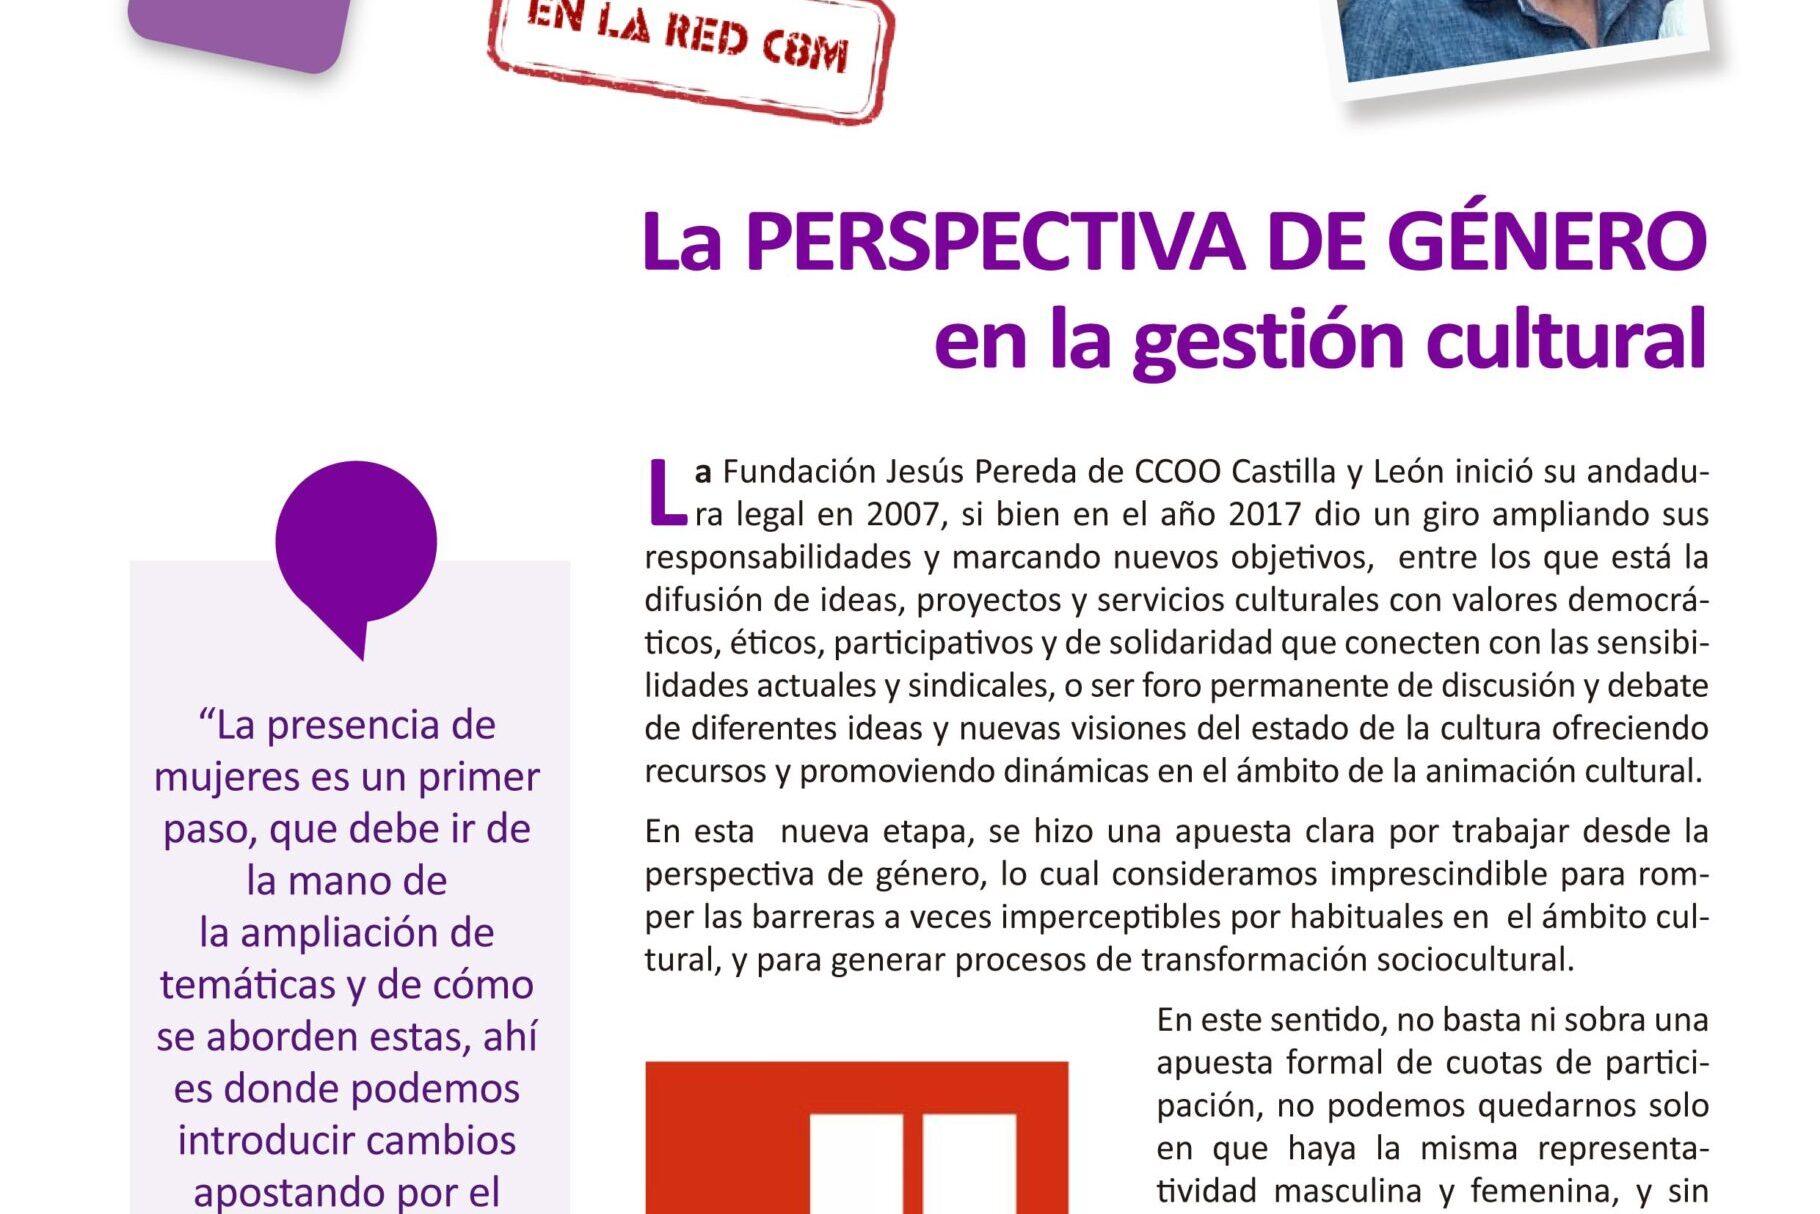 La perspectiva de género en la gestión cultural